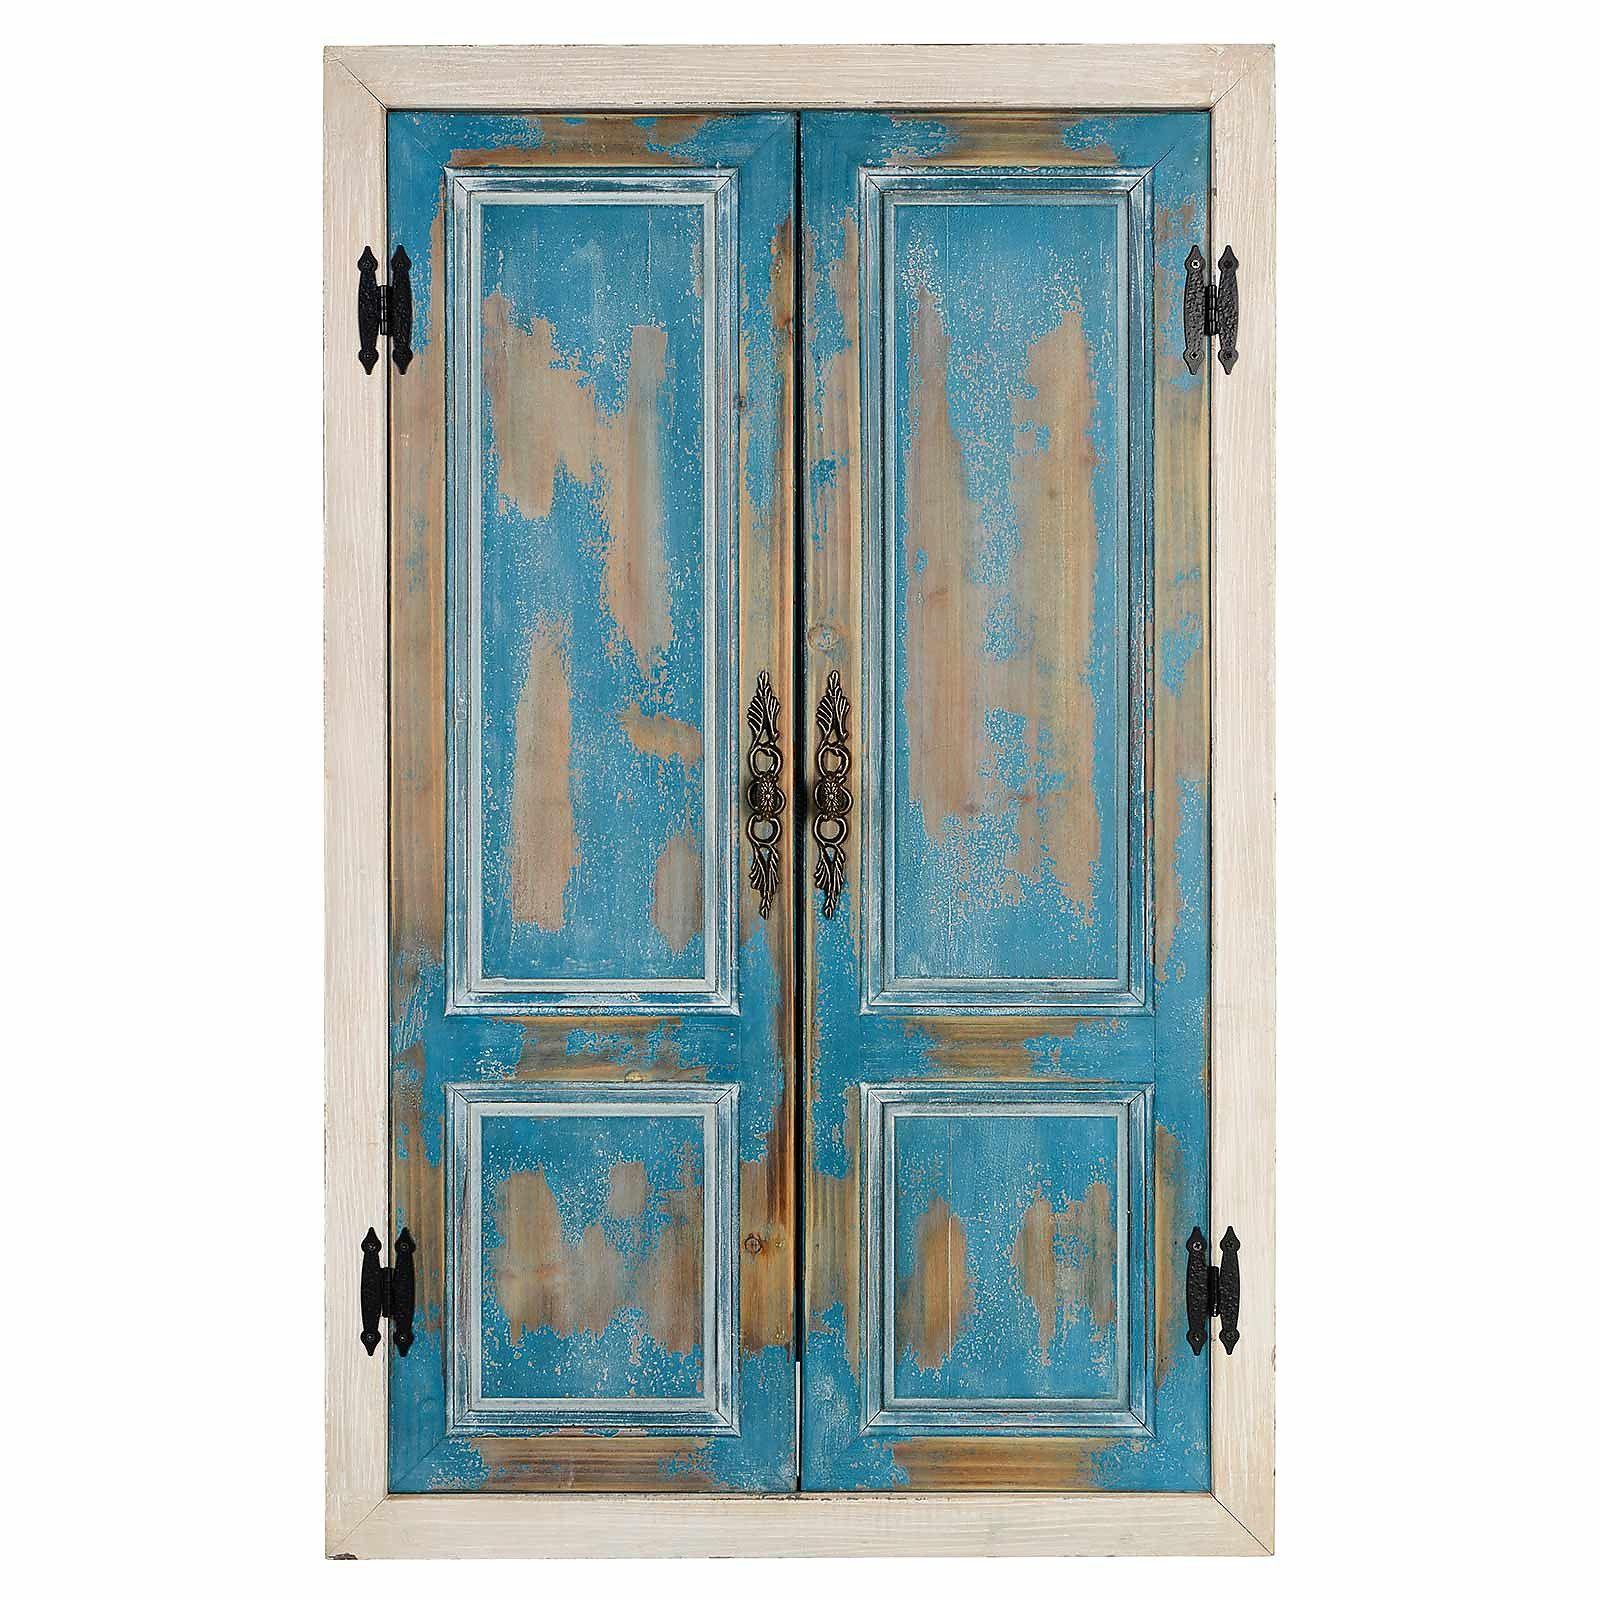 Wanddeko Spiegel wanddeko spiegel aus mischholz blau deko deco